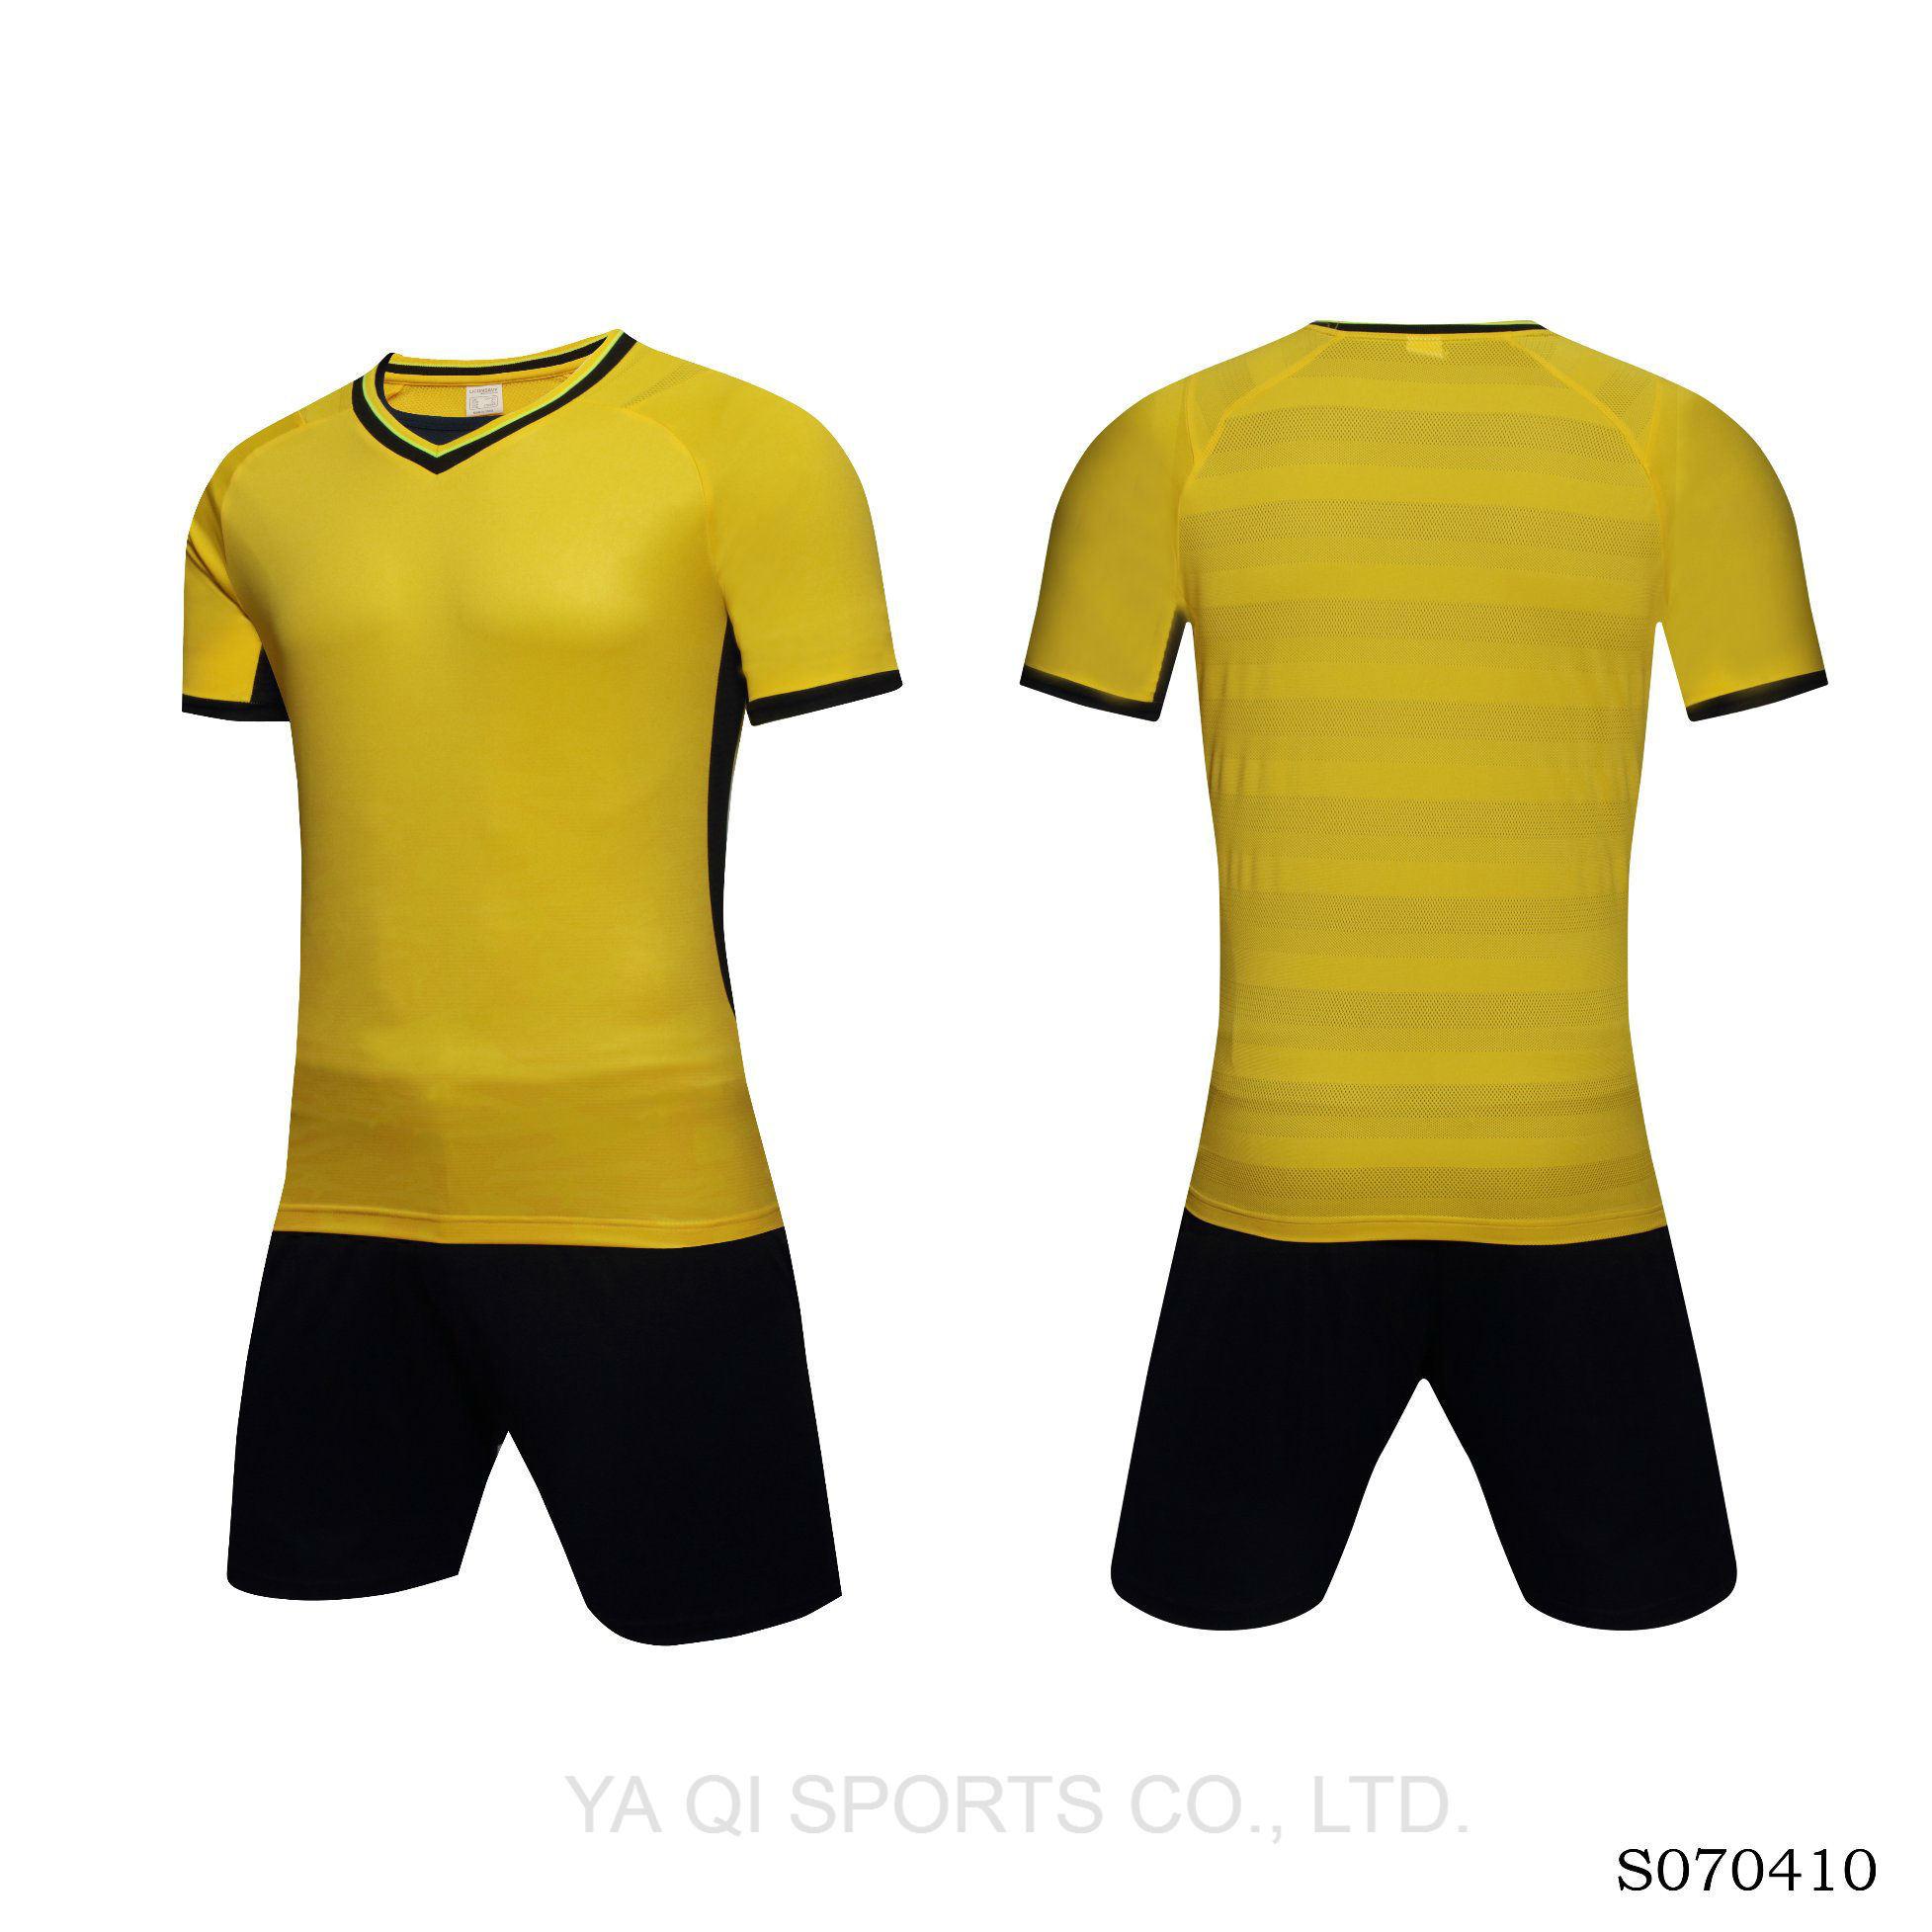 new styles best service authentic quality Logo OEM personnalisé votre maillot de Football Football ...